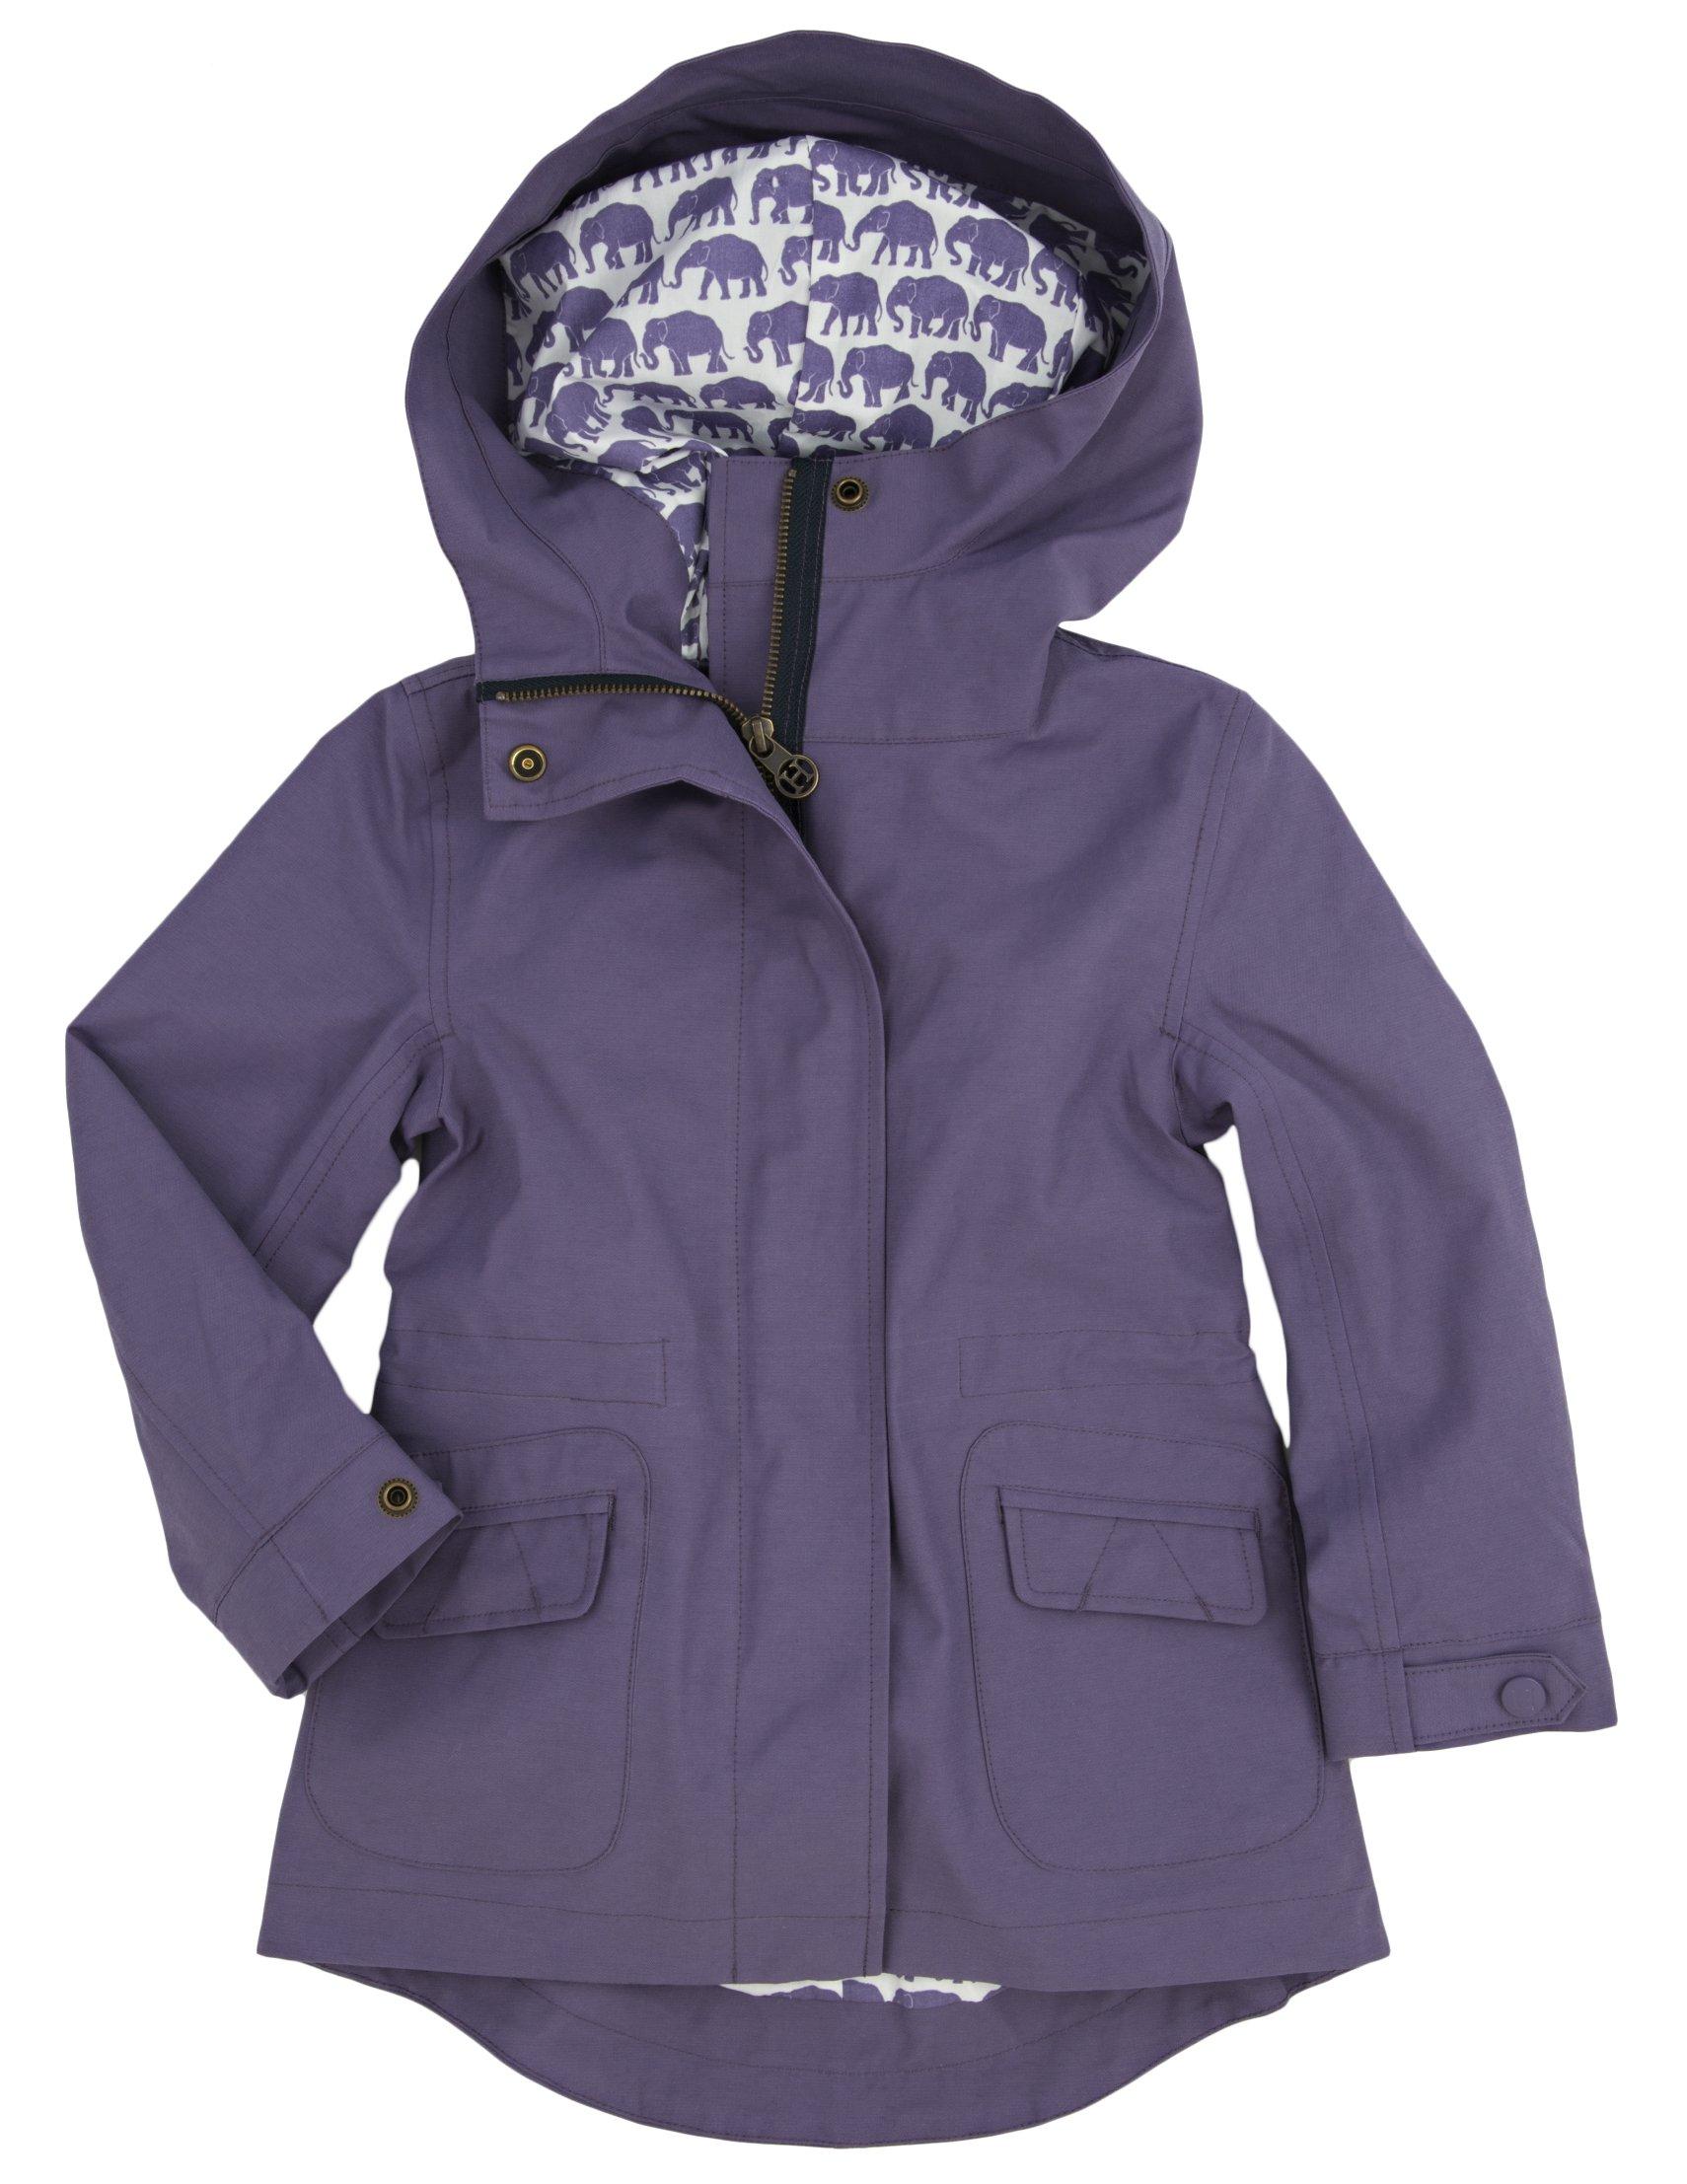 Hatley Little Girls' Soft Shell Rain Jacket Elephants, Purple, 4